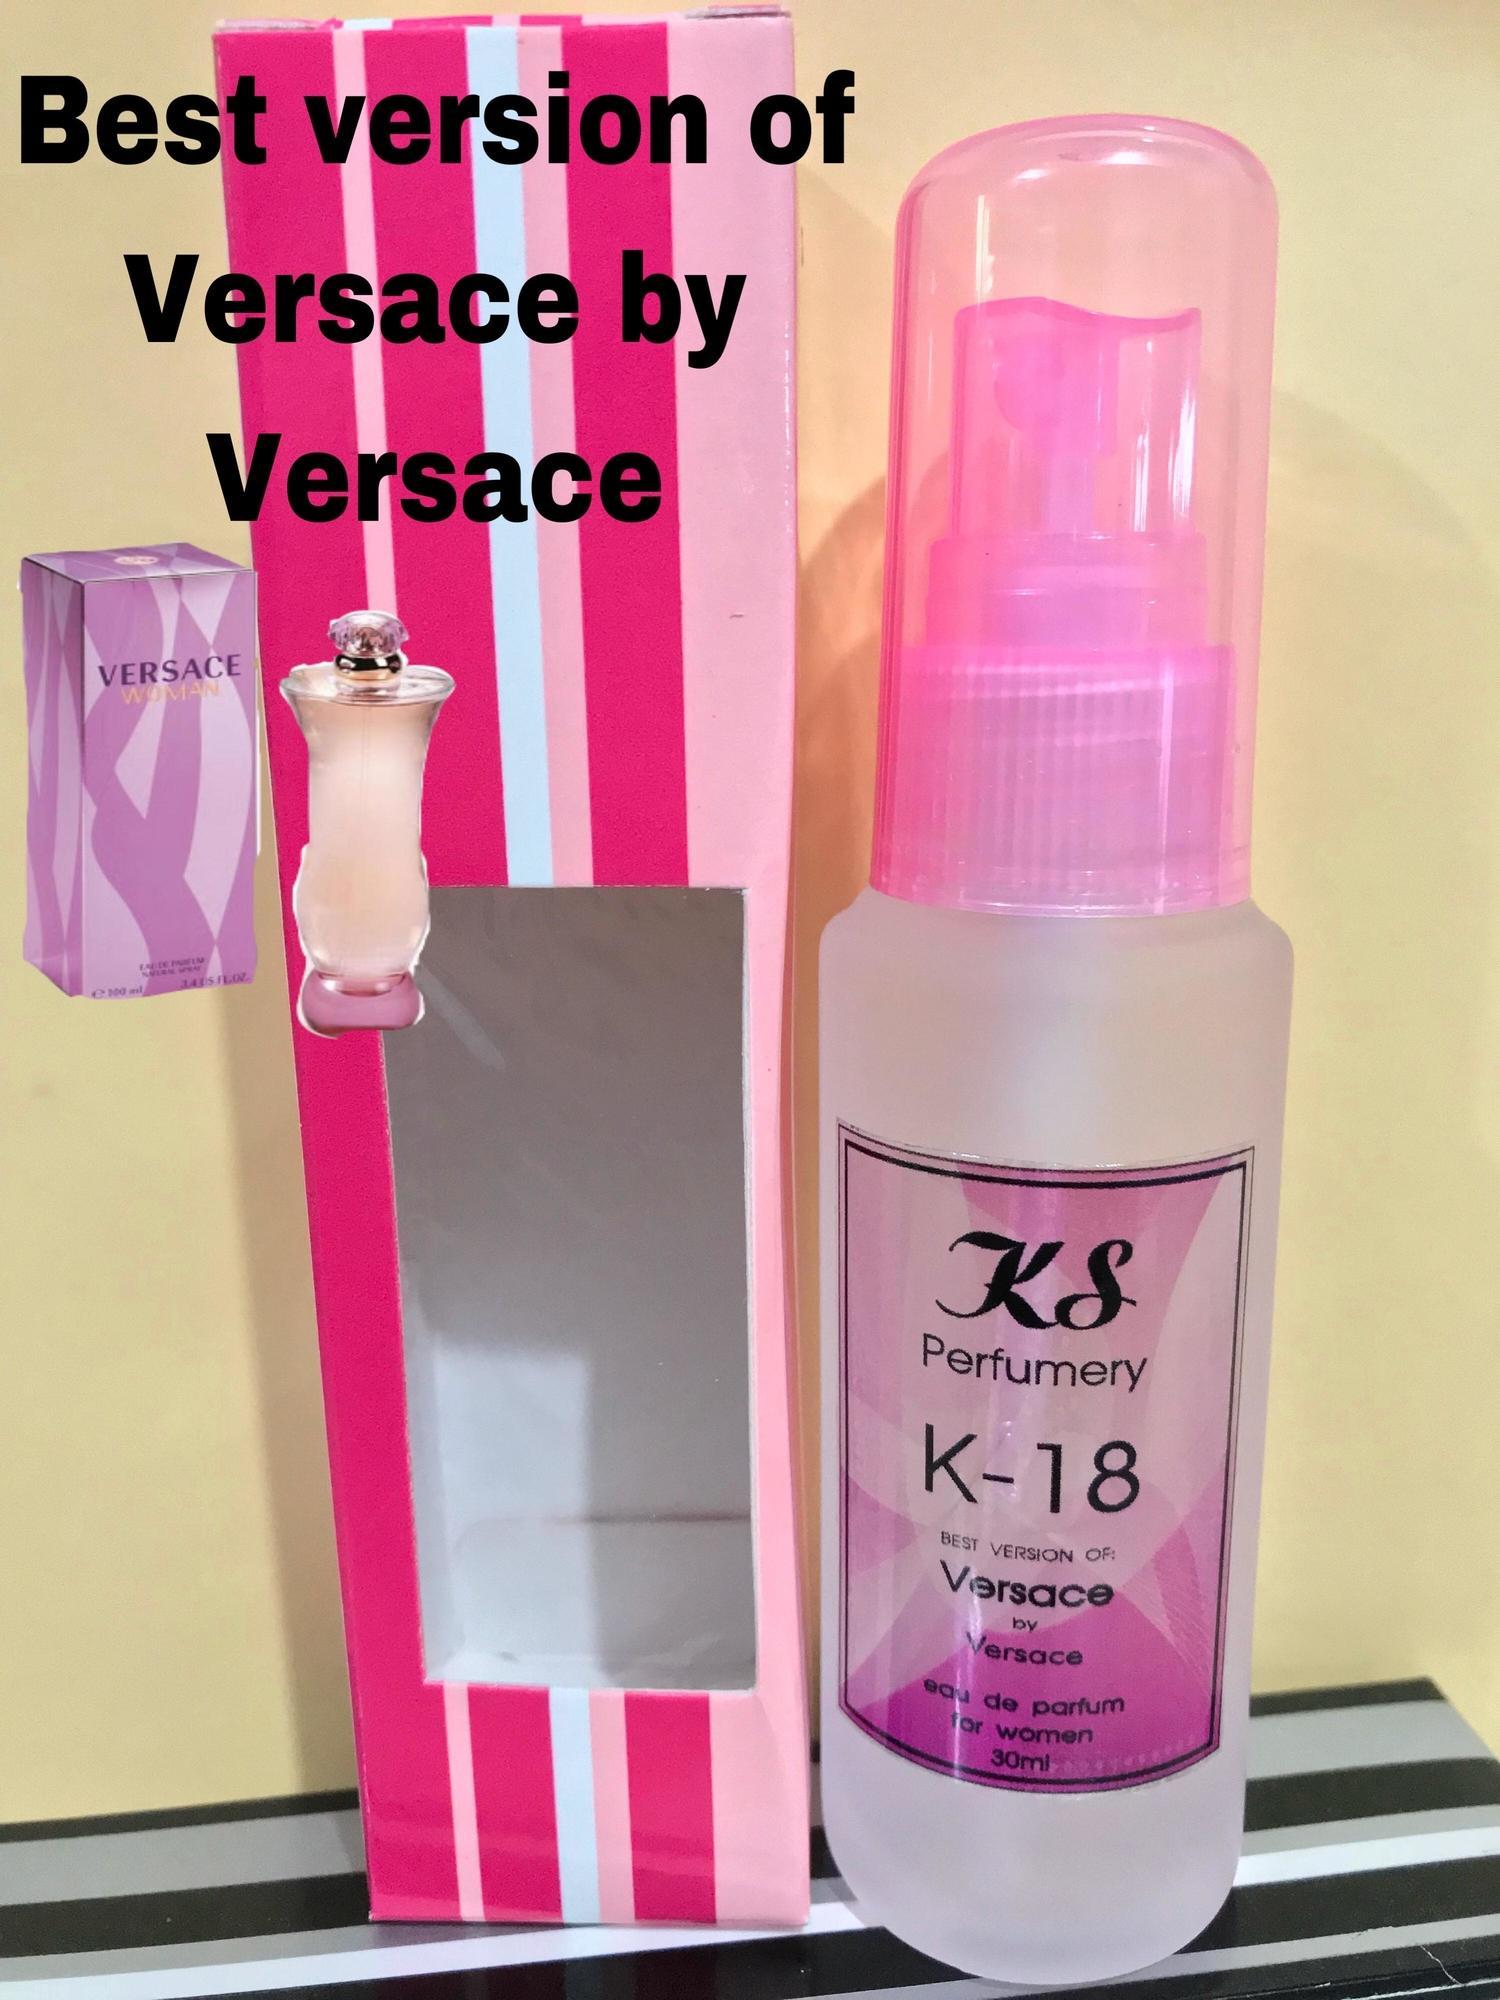 KS Perfumery Code: K-18 Best version of Versace by Versace 15% oil